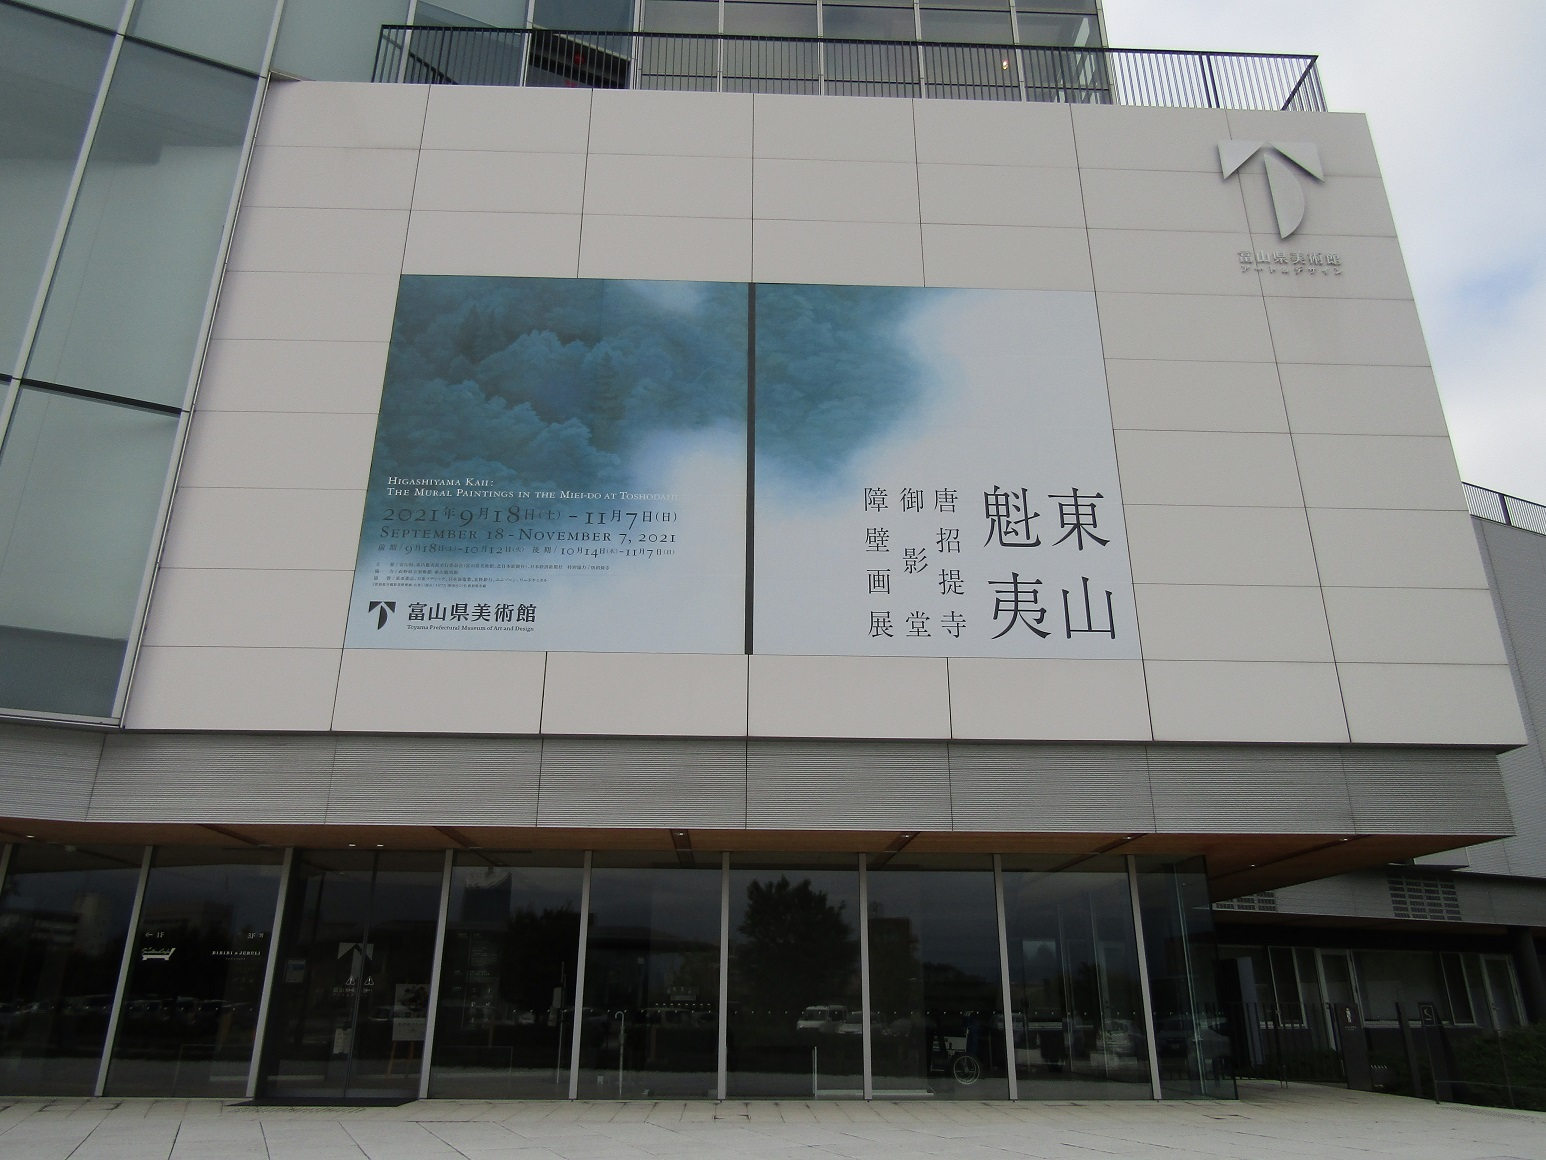 唐招提寺御影堂障壁画展  at  富山県美術館_f0281398_16461943.jpg